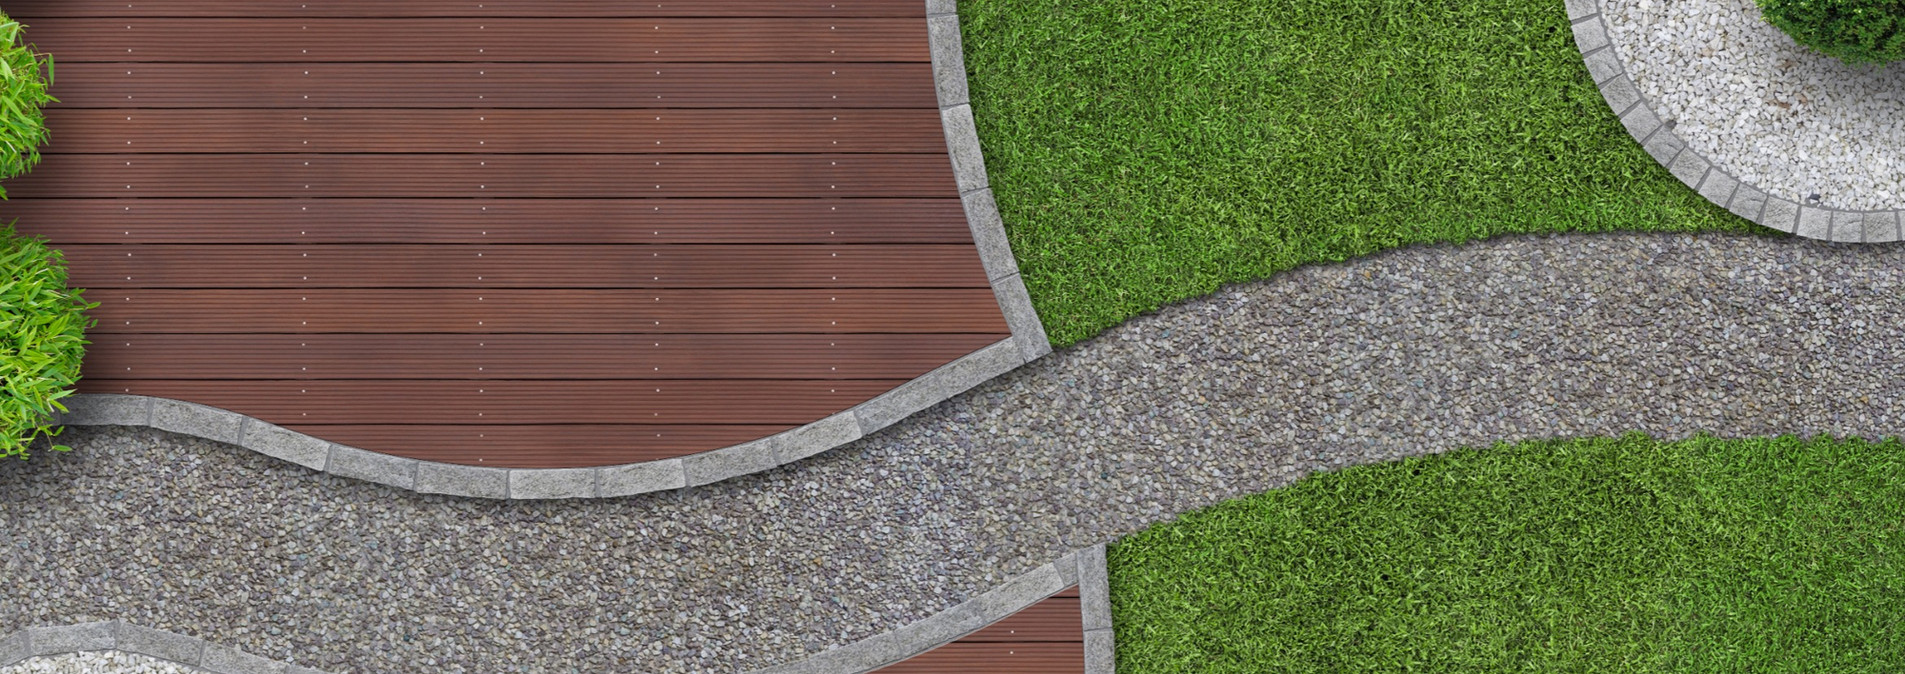 Yard Market Landscape and Design